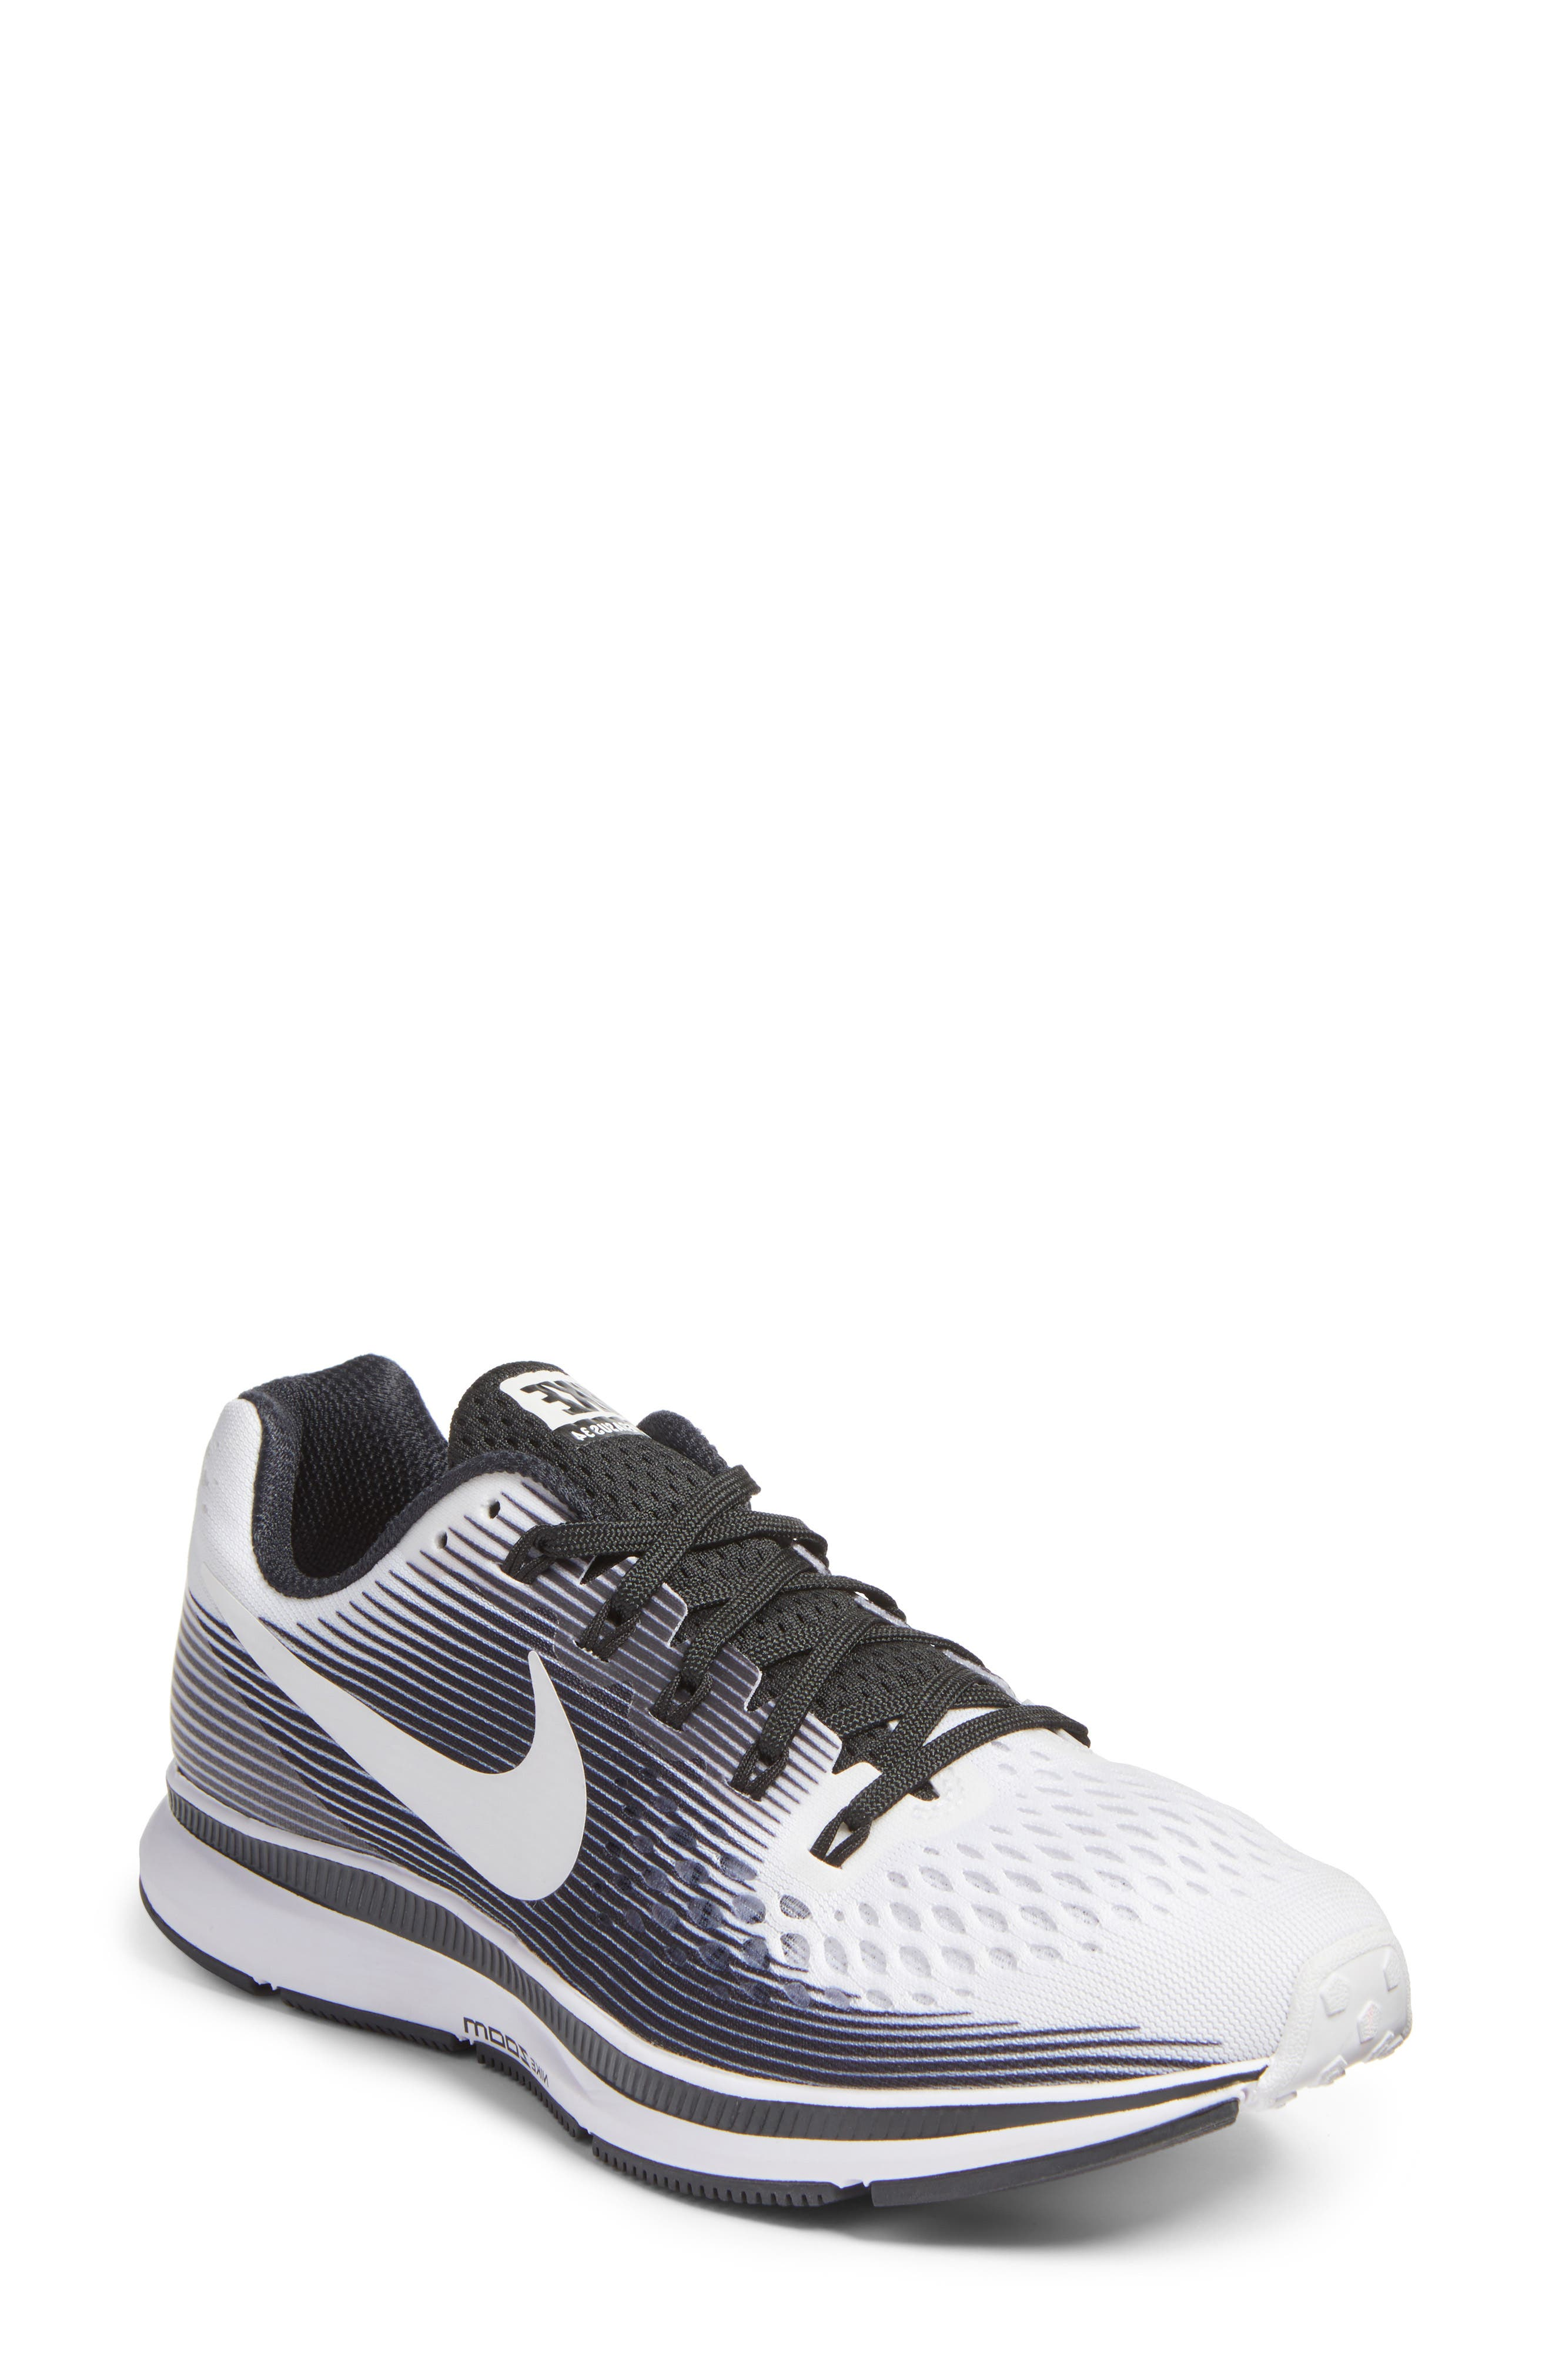 Air Zoom Pegasus 34 LE Running Shoe,                         Main,                         color, 100